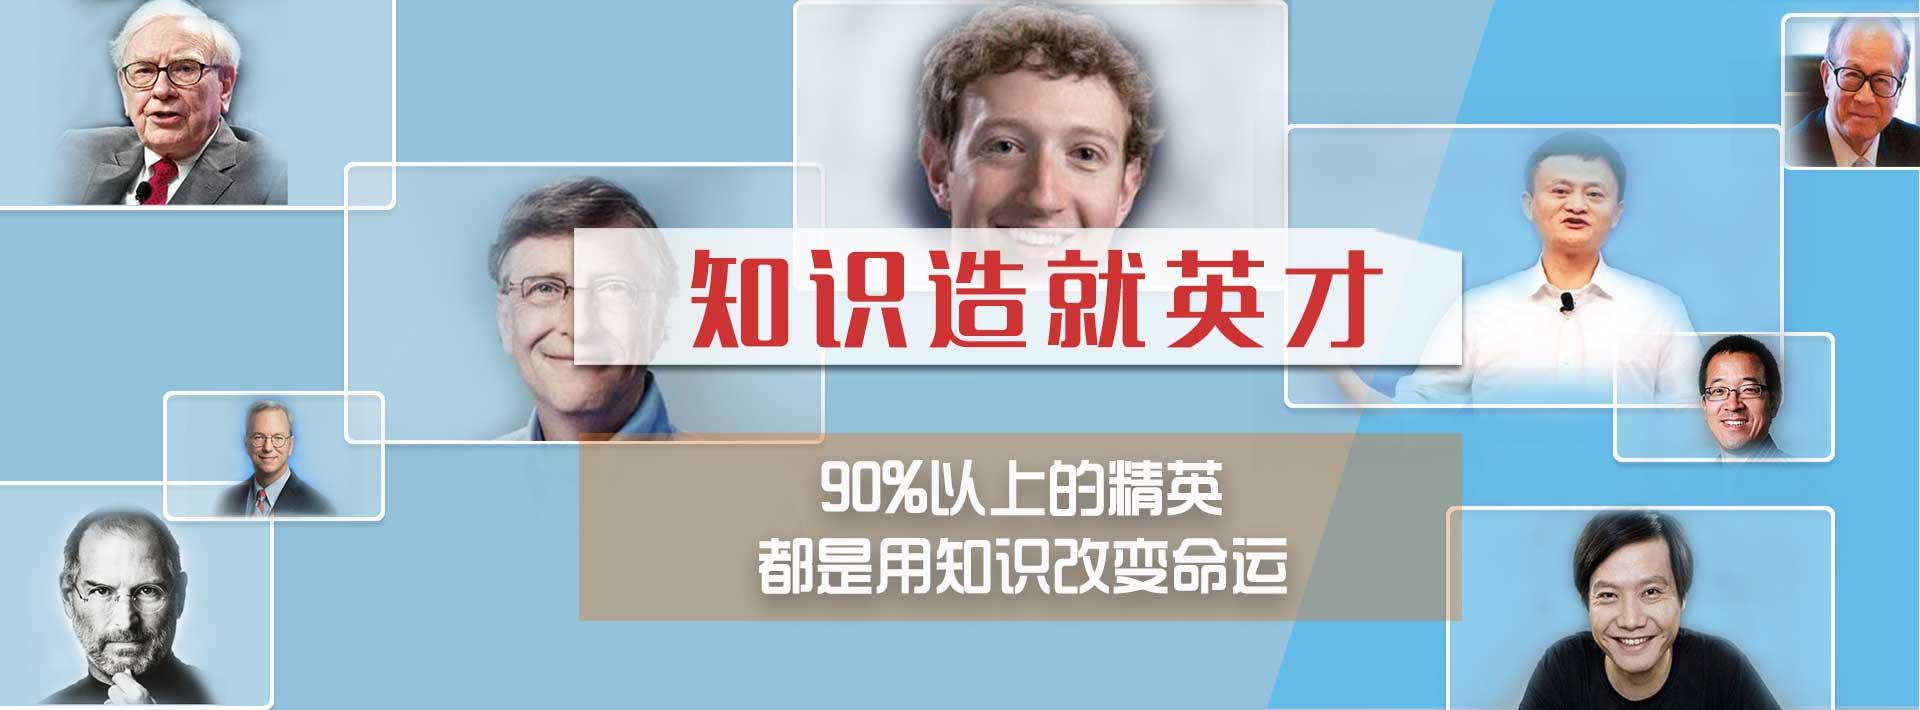 上海居住证积分 上海居转户 上海居住证转户口首页